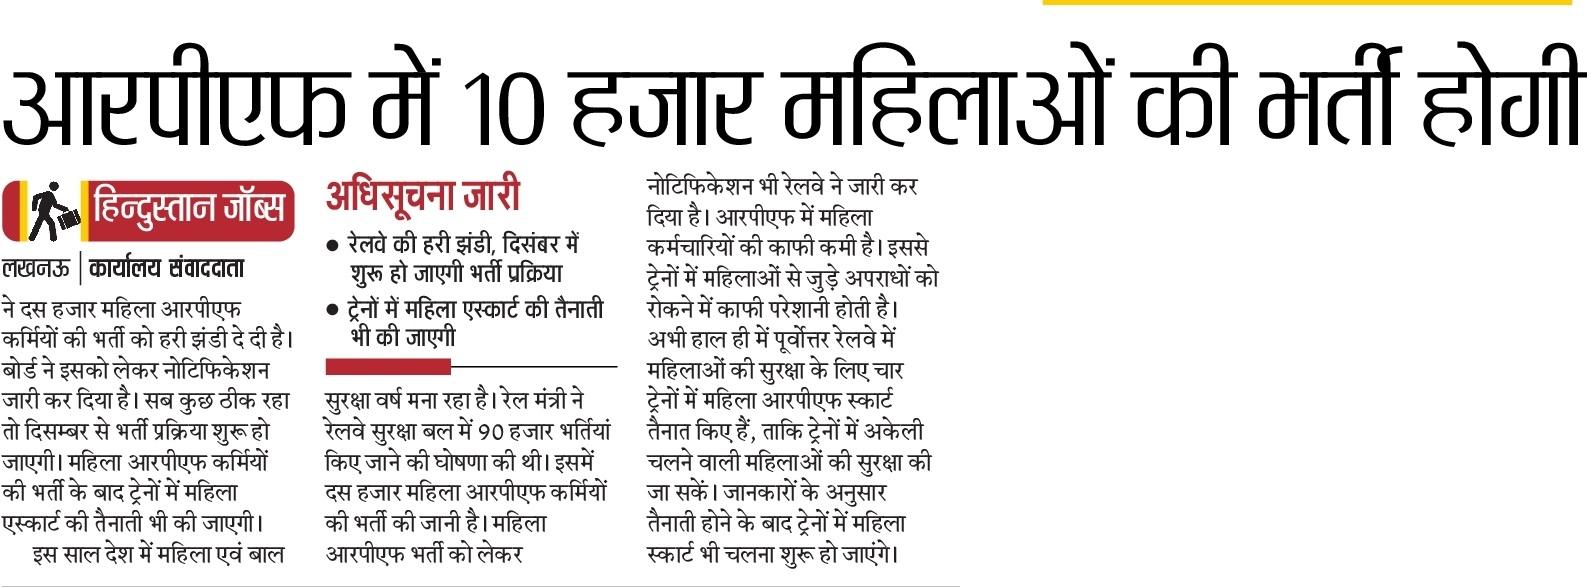 RPF: रेलवे सुरक्षा बल में भर्ती होंगी 10 हजार महिलाएं, रेलवे की मिली हरी झण्डी, दिसम्बर में शुरू होगी भर्ती प्रकिया